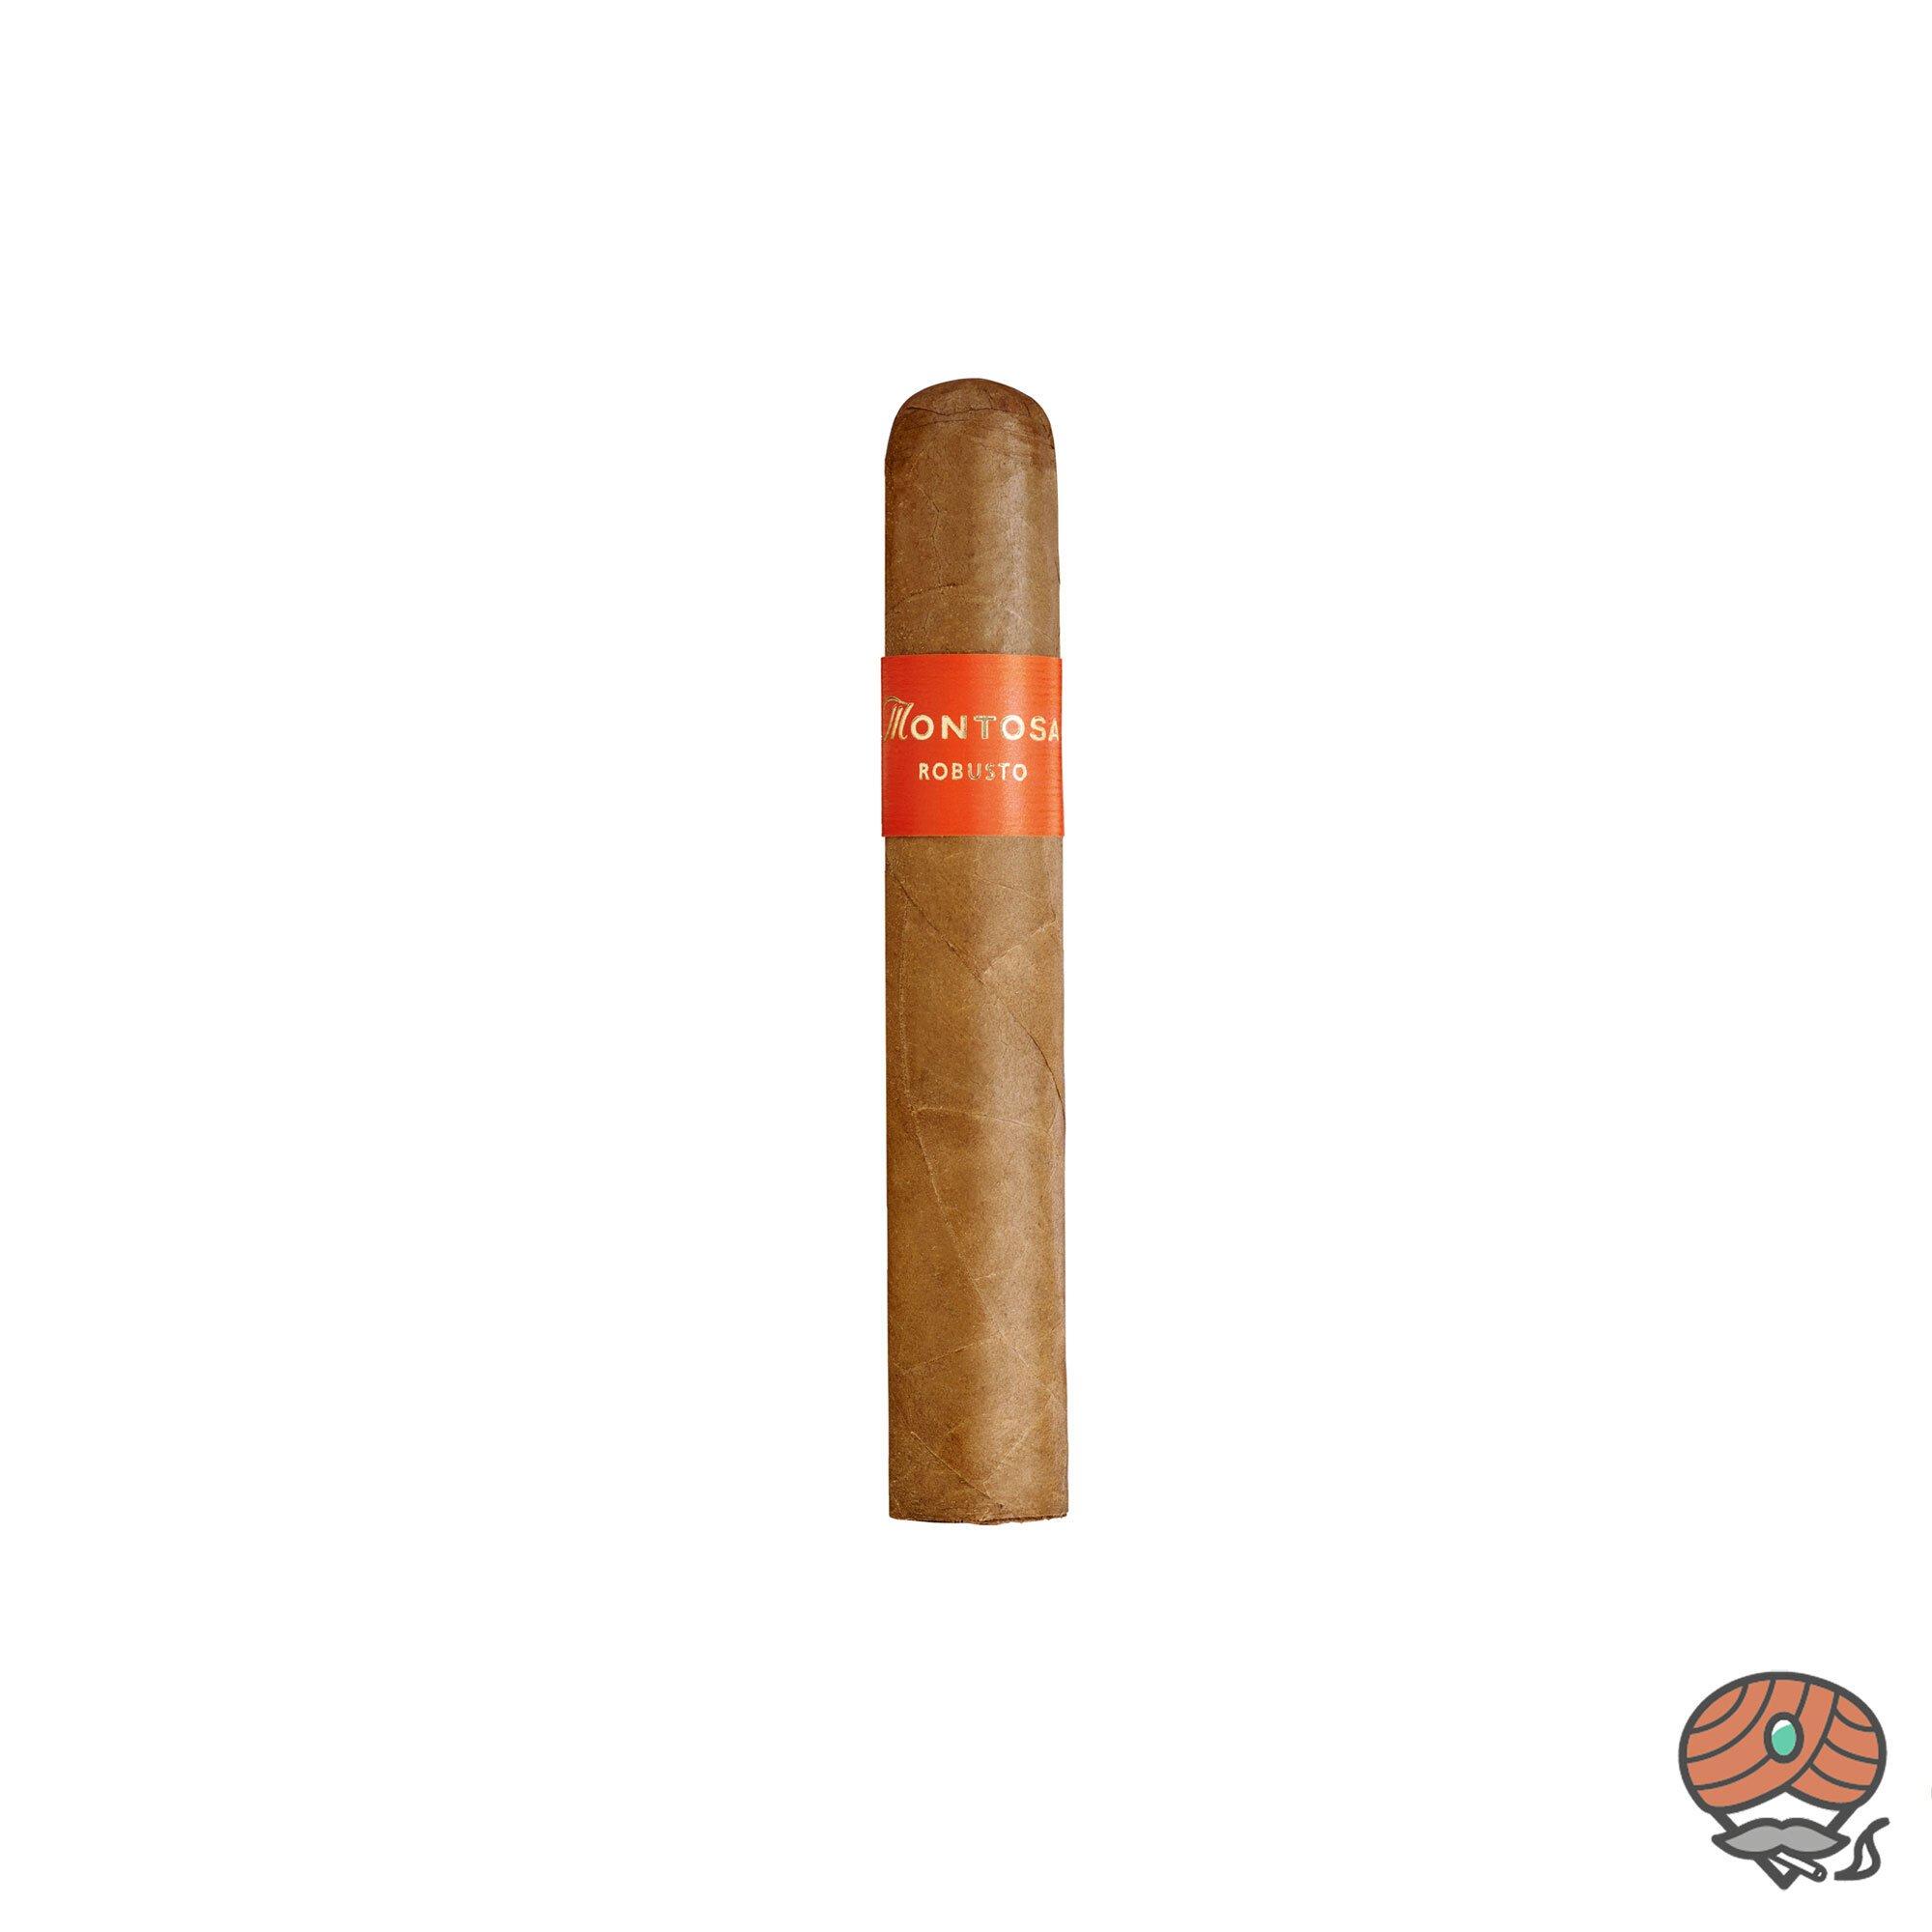 Montosa Robusto Zigarre, Dominikanische Republik